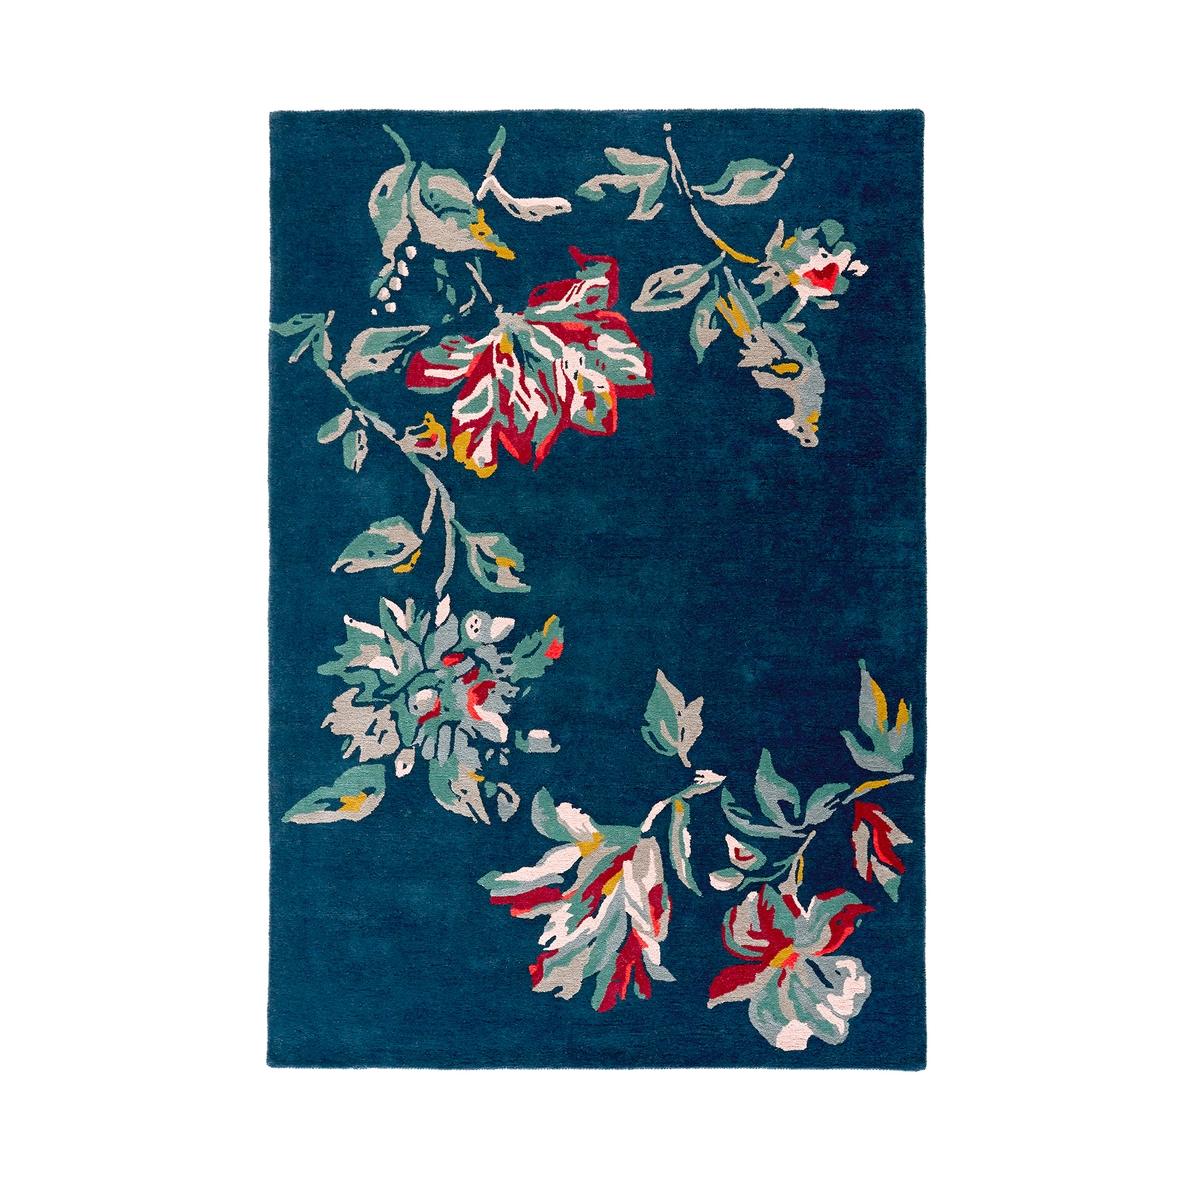 Ковер La Redoute С цветочным рисунком Elva 120 x 170 см синий